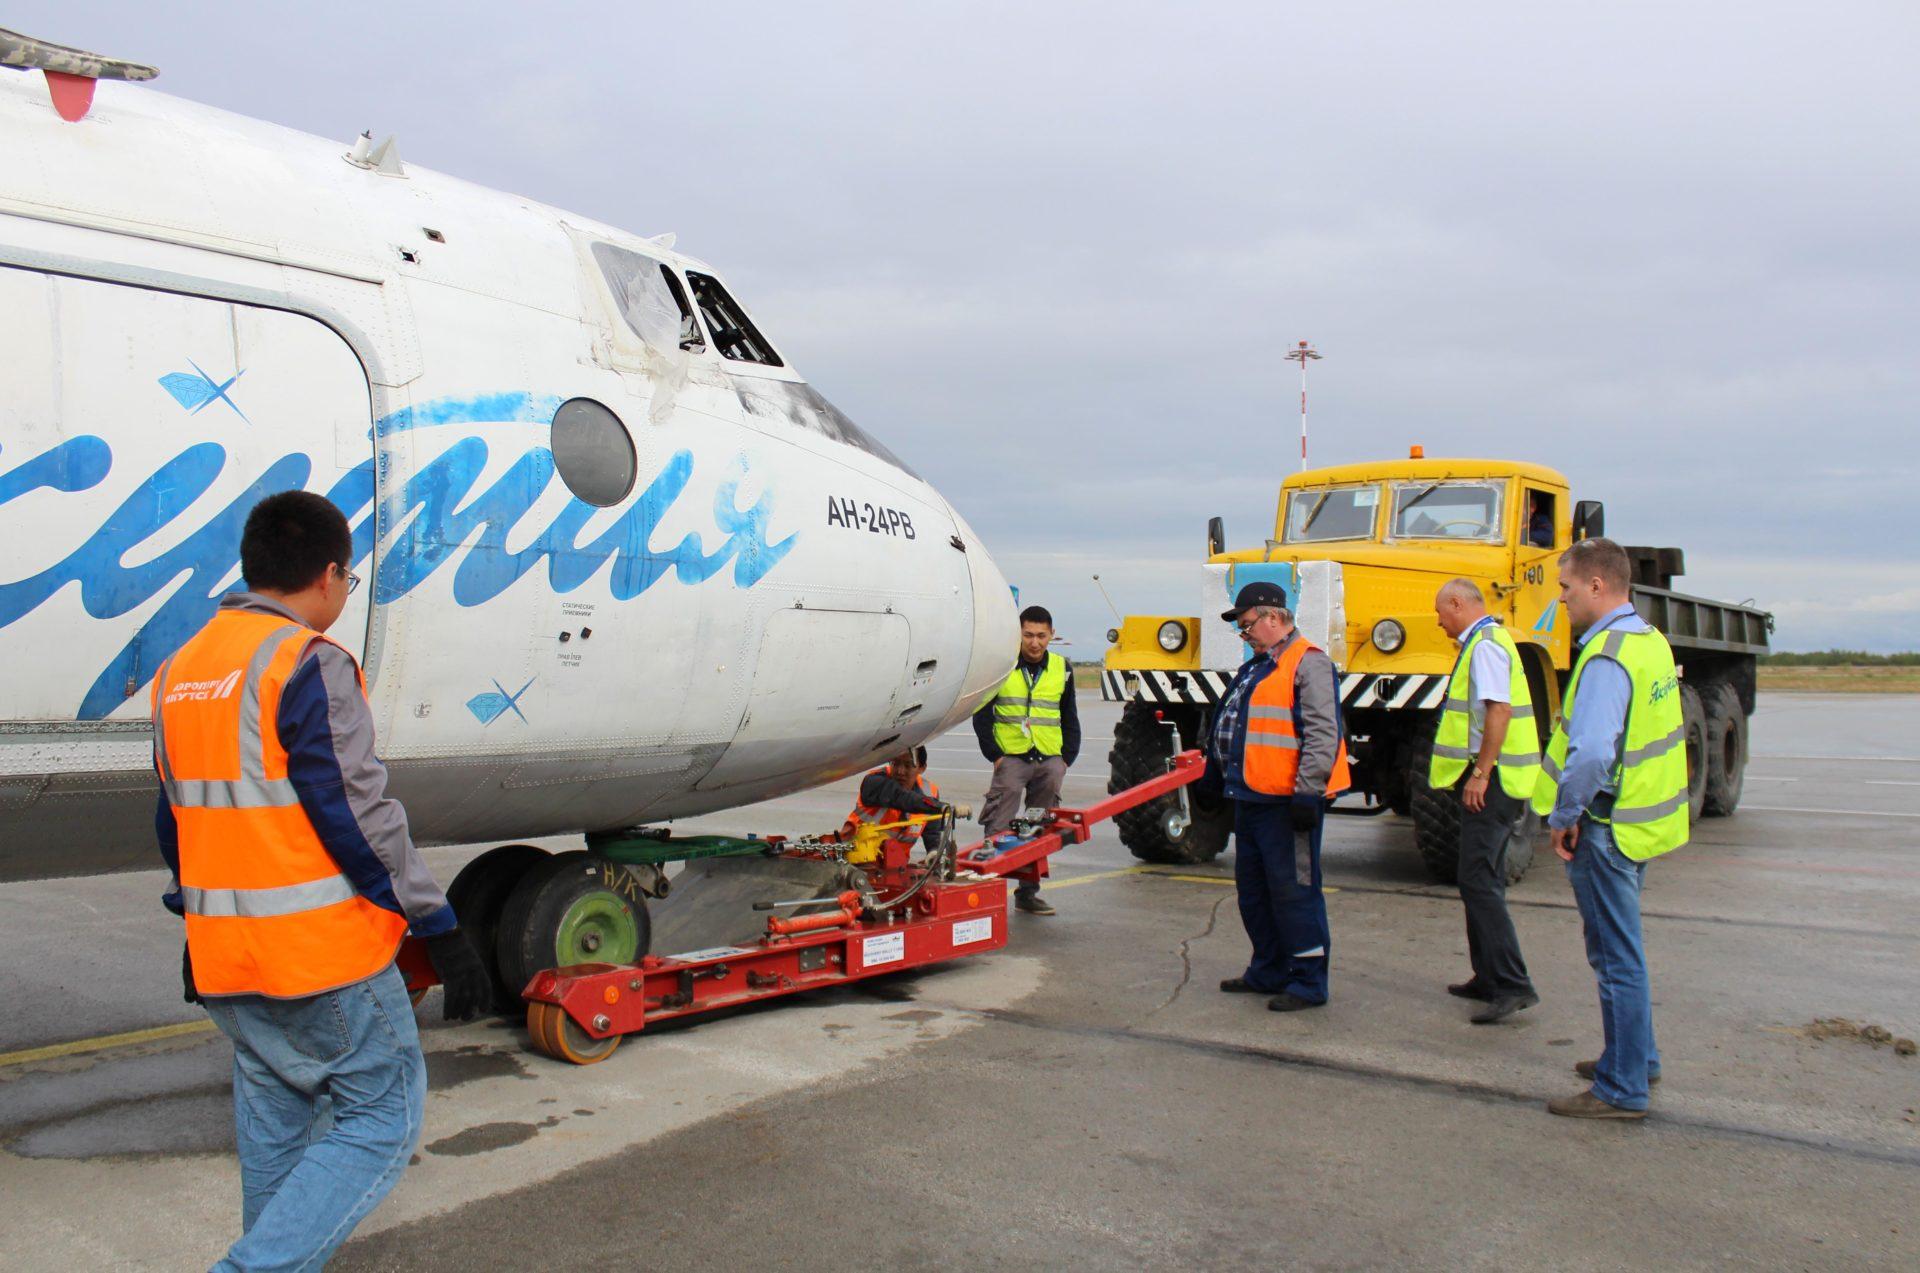 Службы аэропорта «Якутск» отработали учения по эвакуации ВС с аэродрома